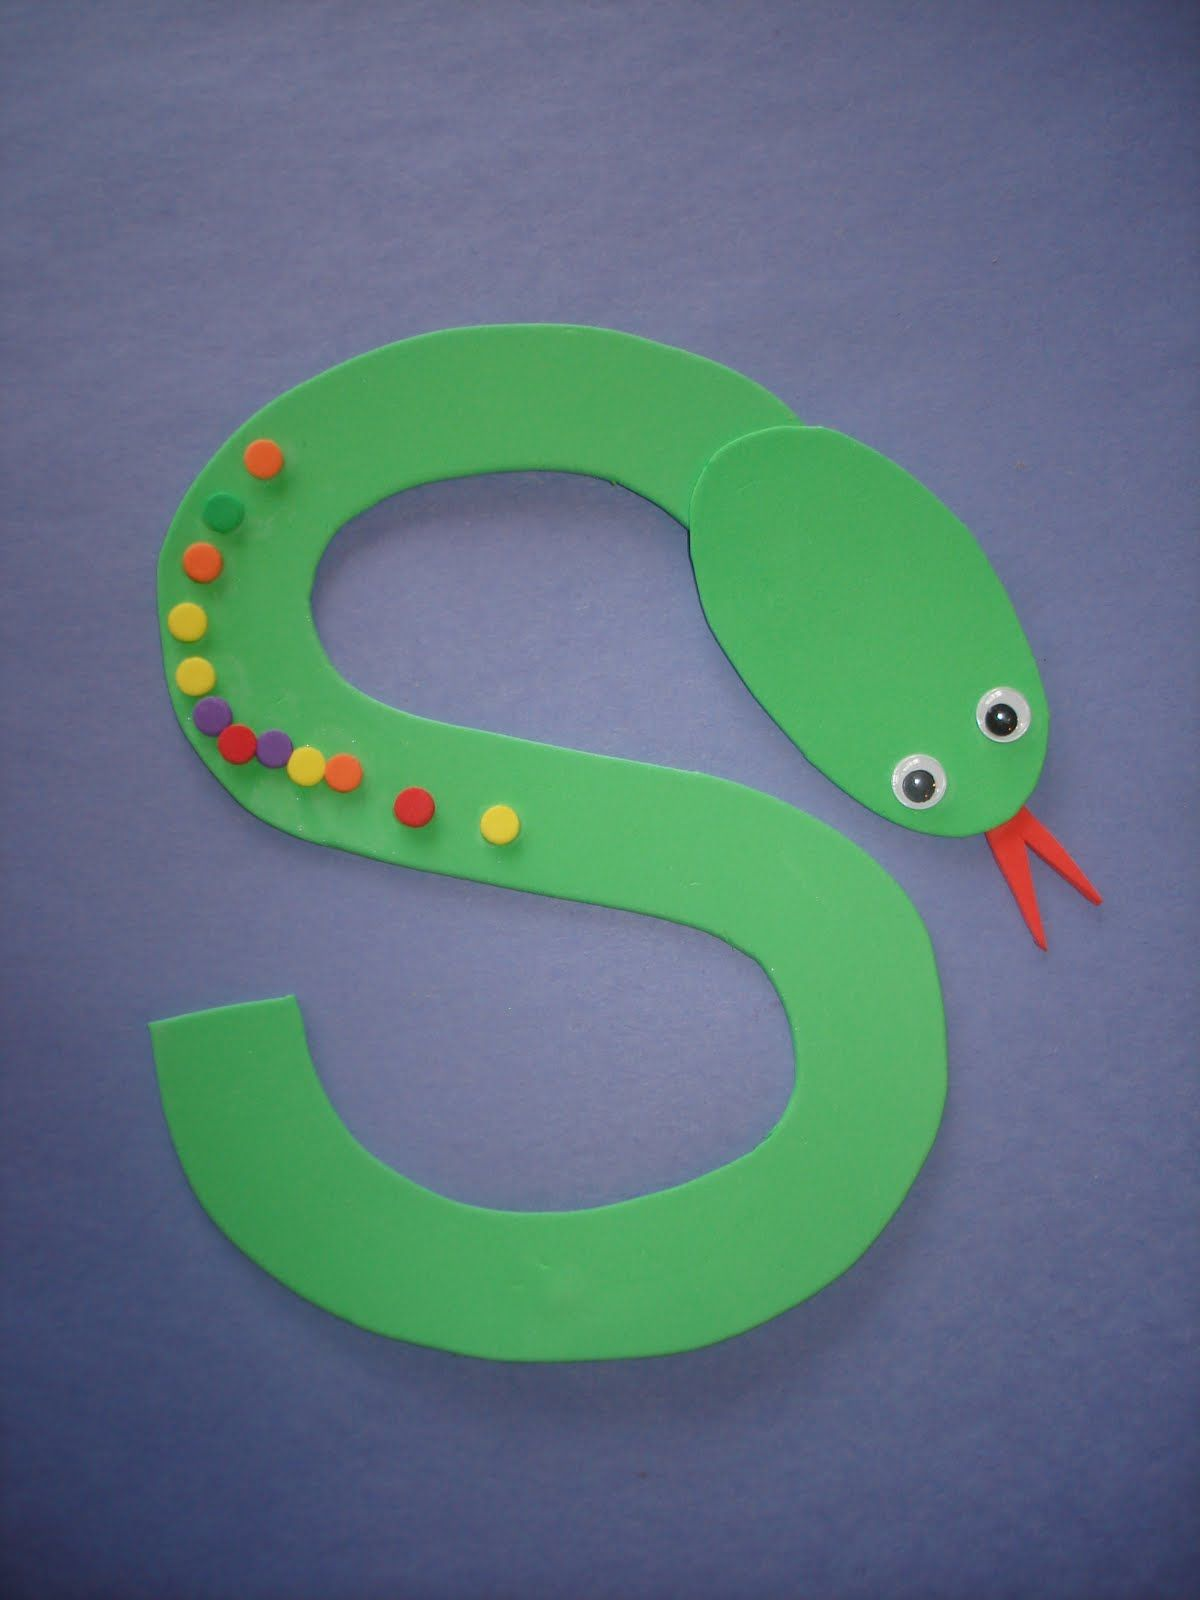 Cute Abc Craft Ideas For The Entire Abcs S Niin Kuin Sisilisko